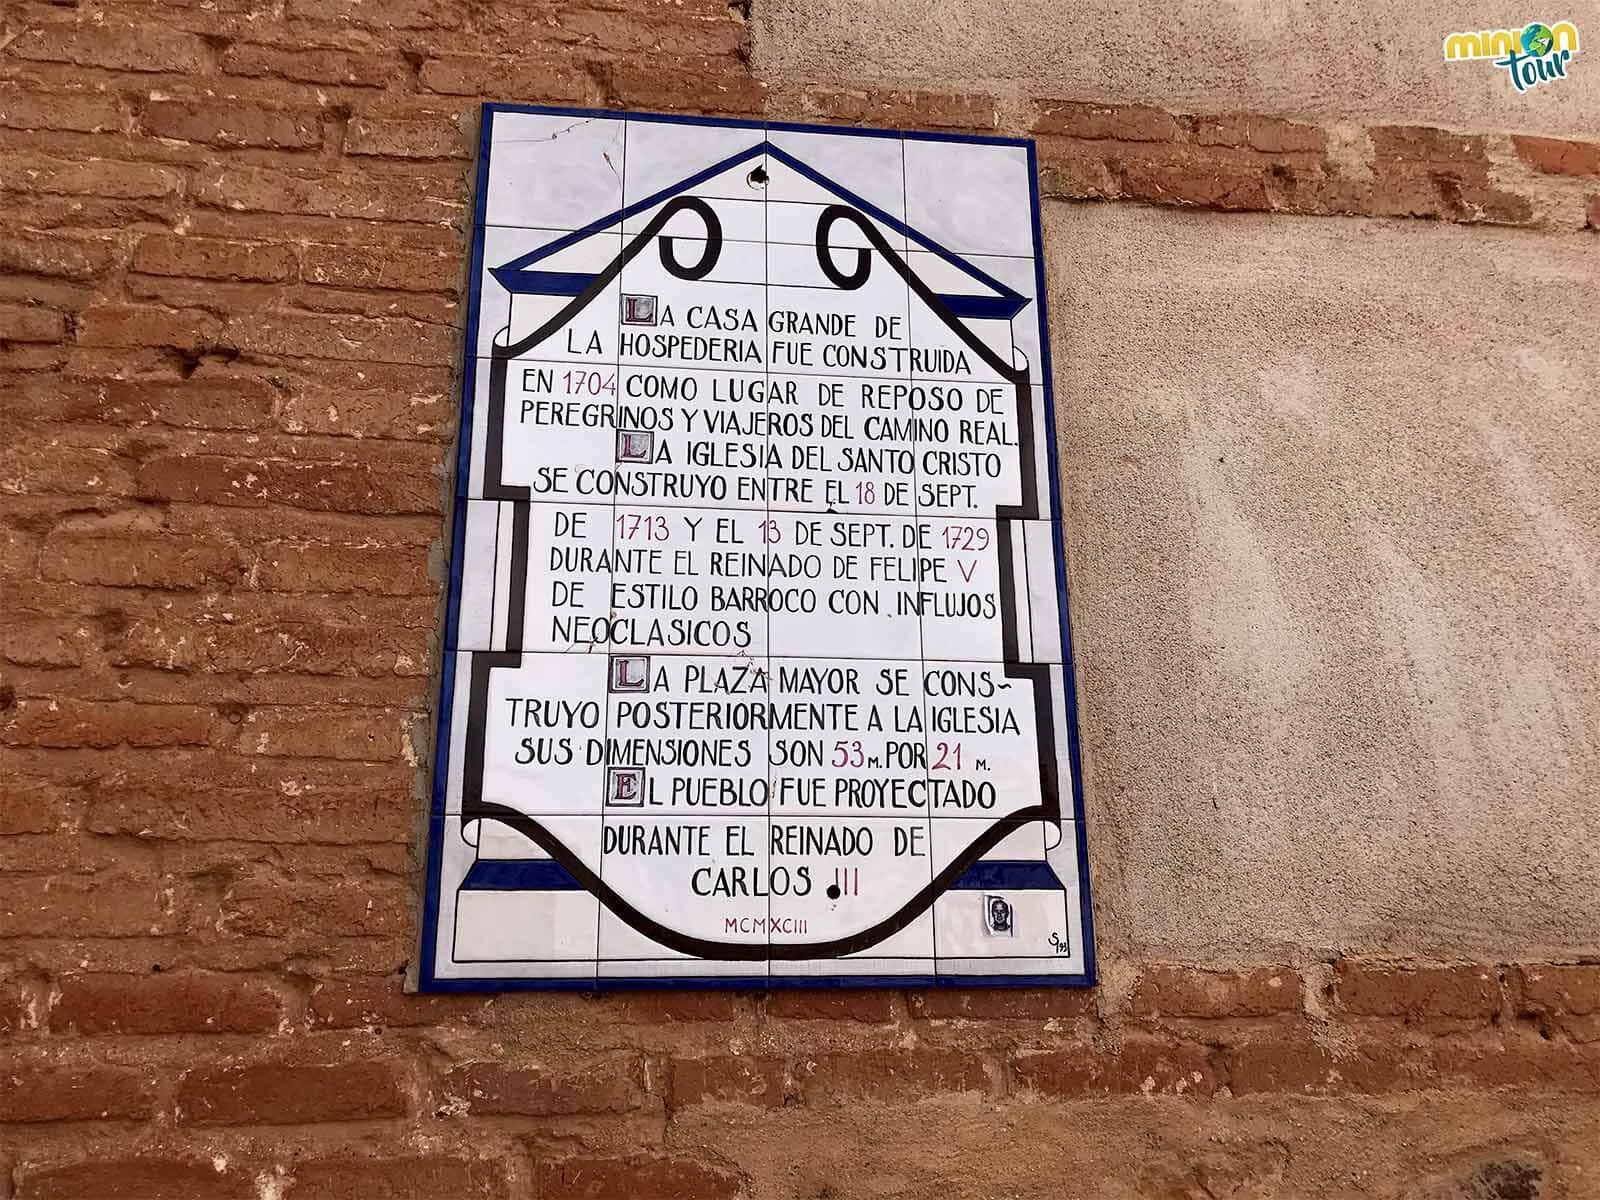 Qué ver en el Vaticano de la Mancha